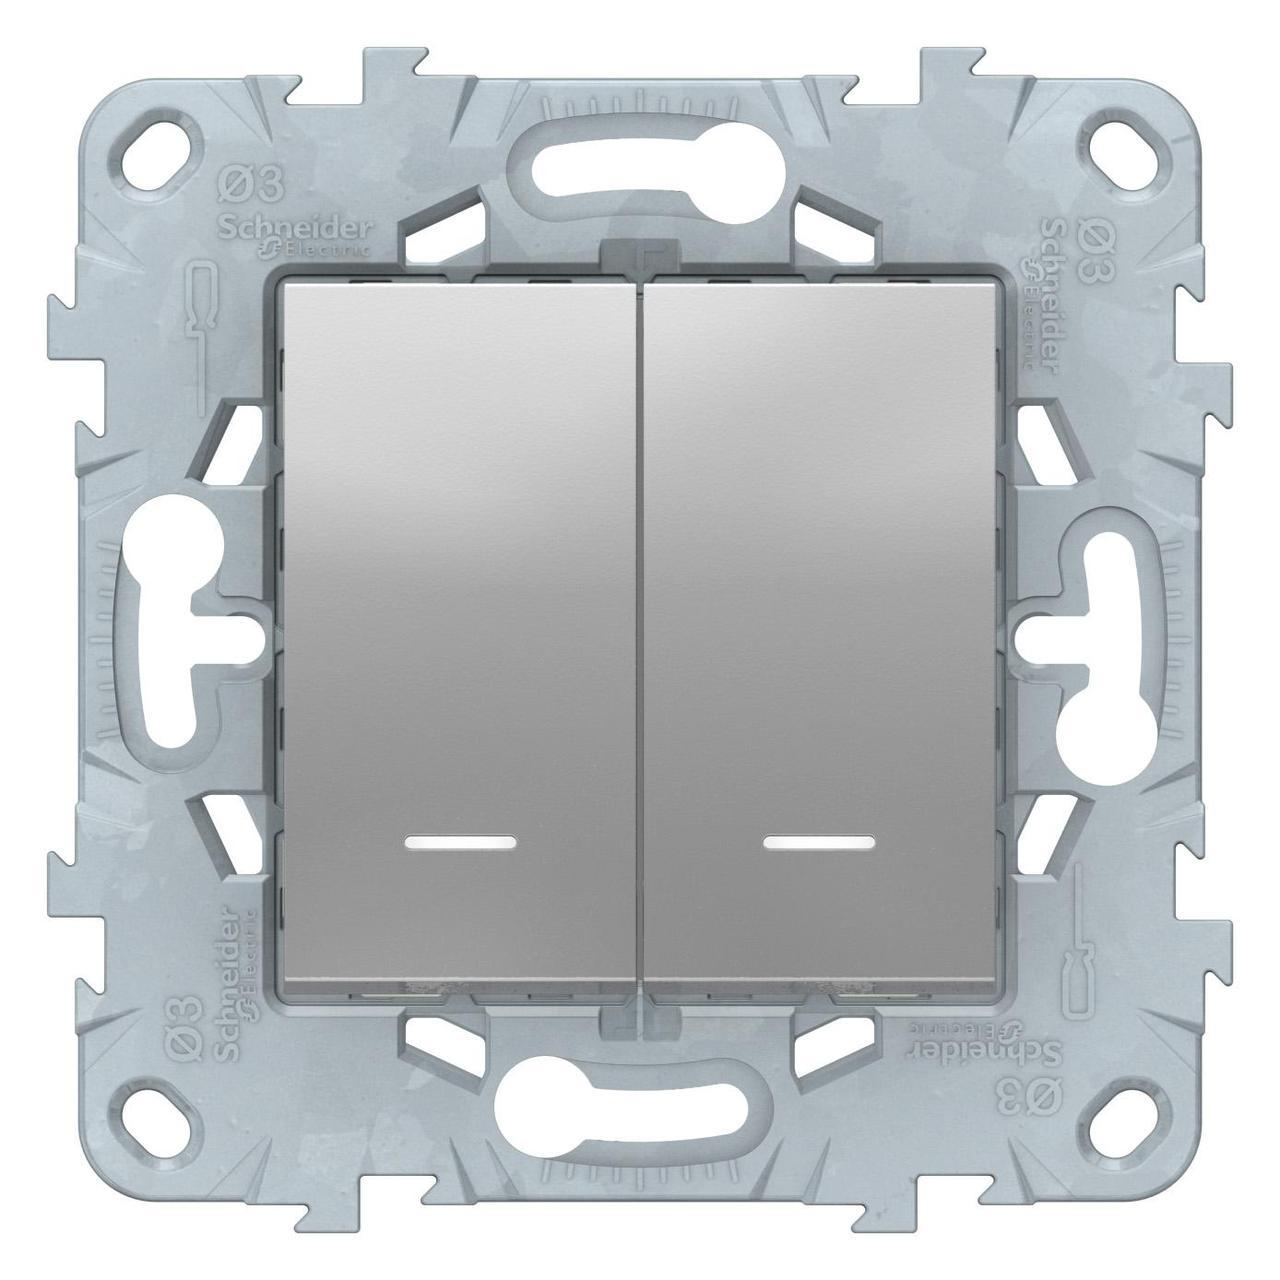 Выключатель 2-клавишный проходной с подсветкой (с двух мест) , Алюминий, серия Unica New, Schneider Electric